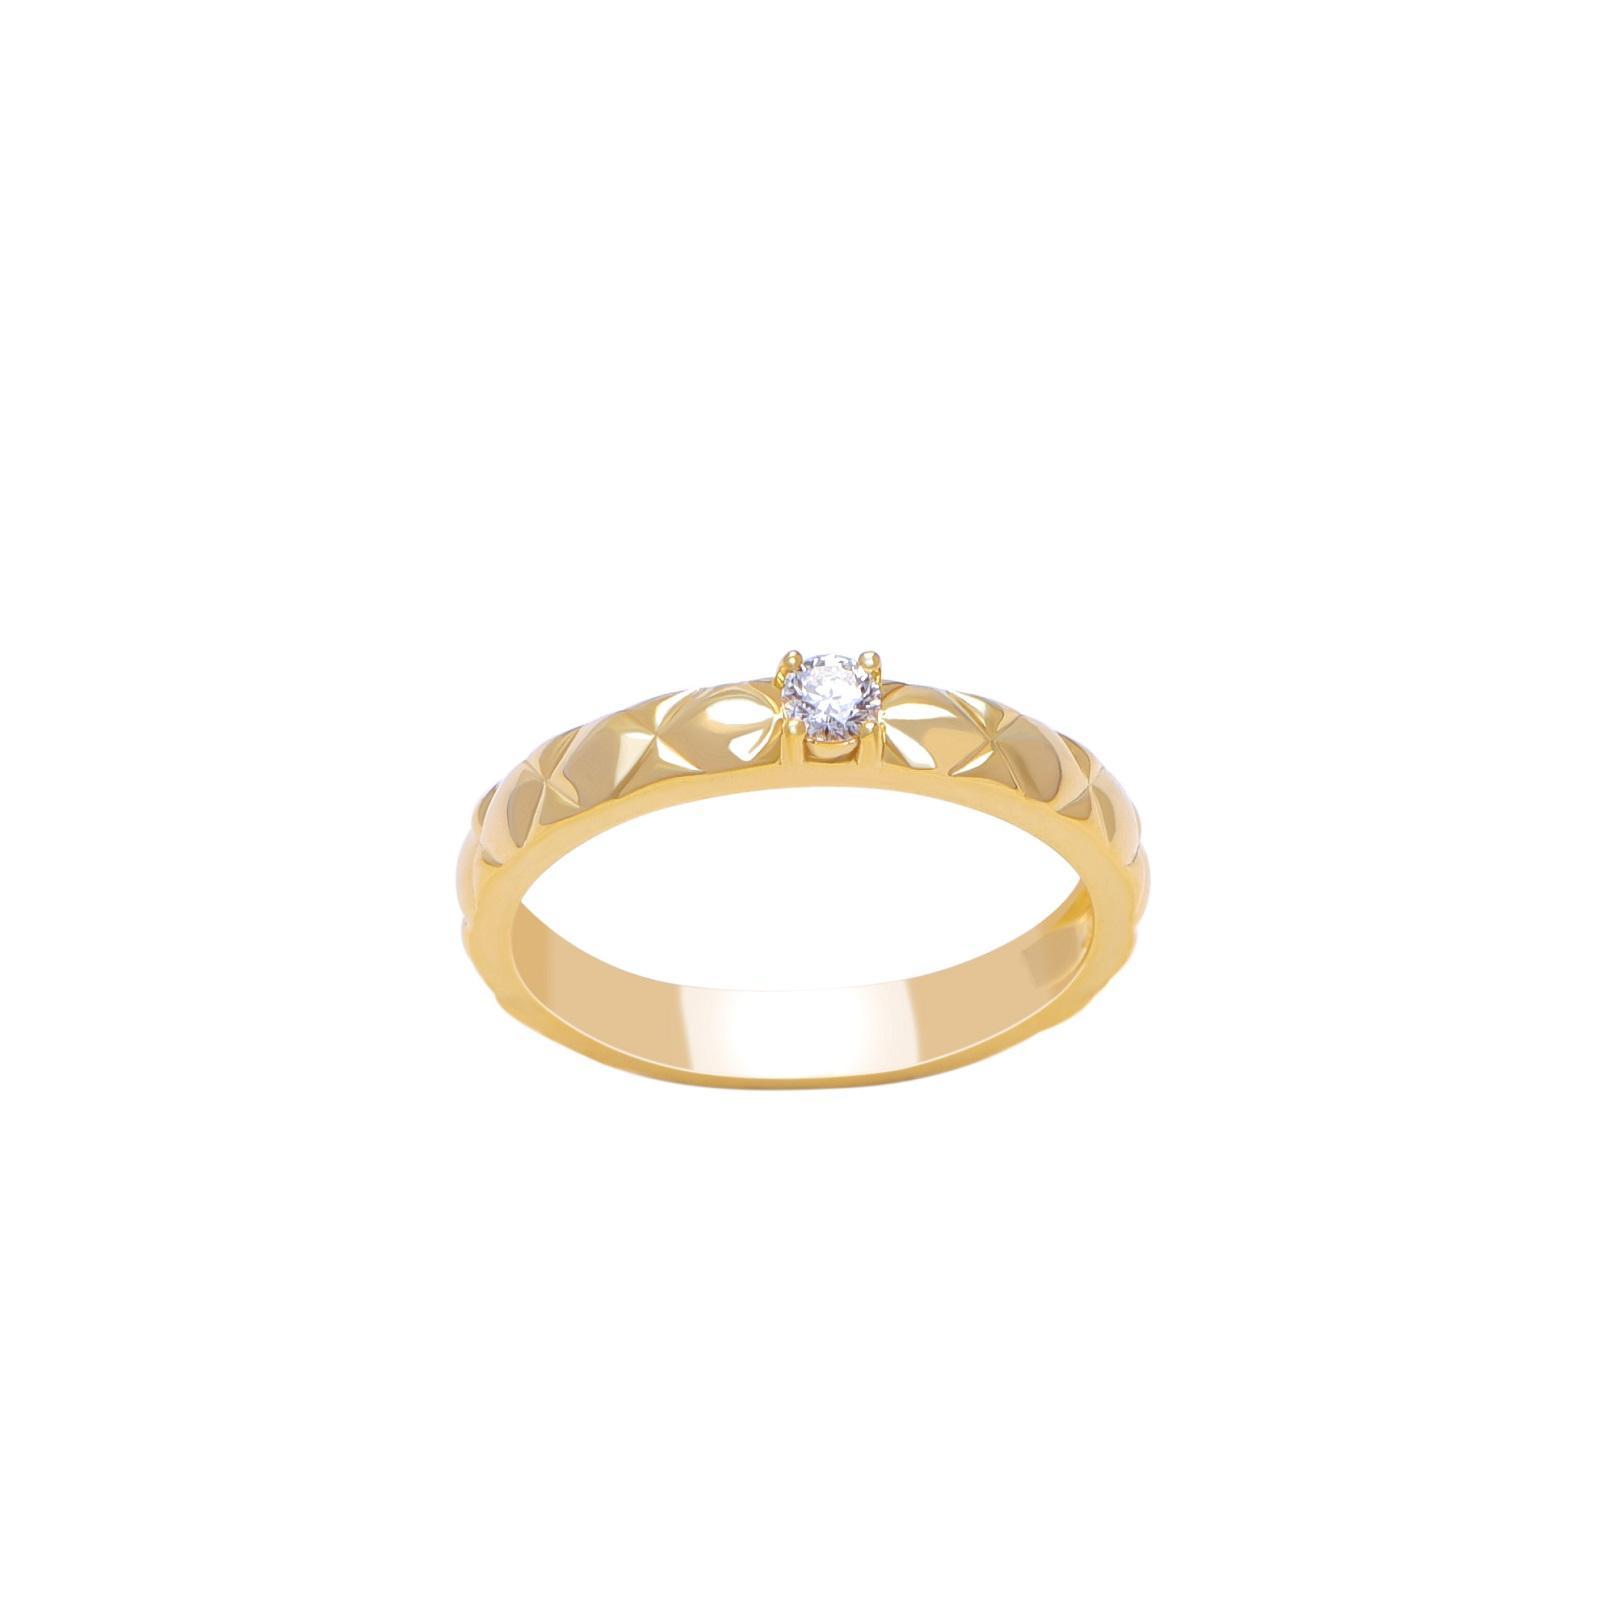 Nhẫn cưới Kim cương nữ 21Q.013NC